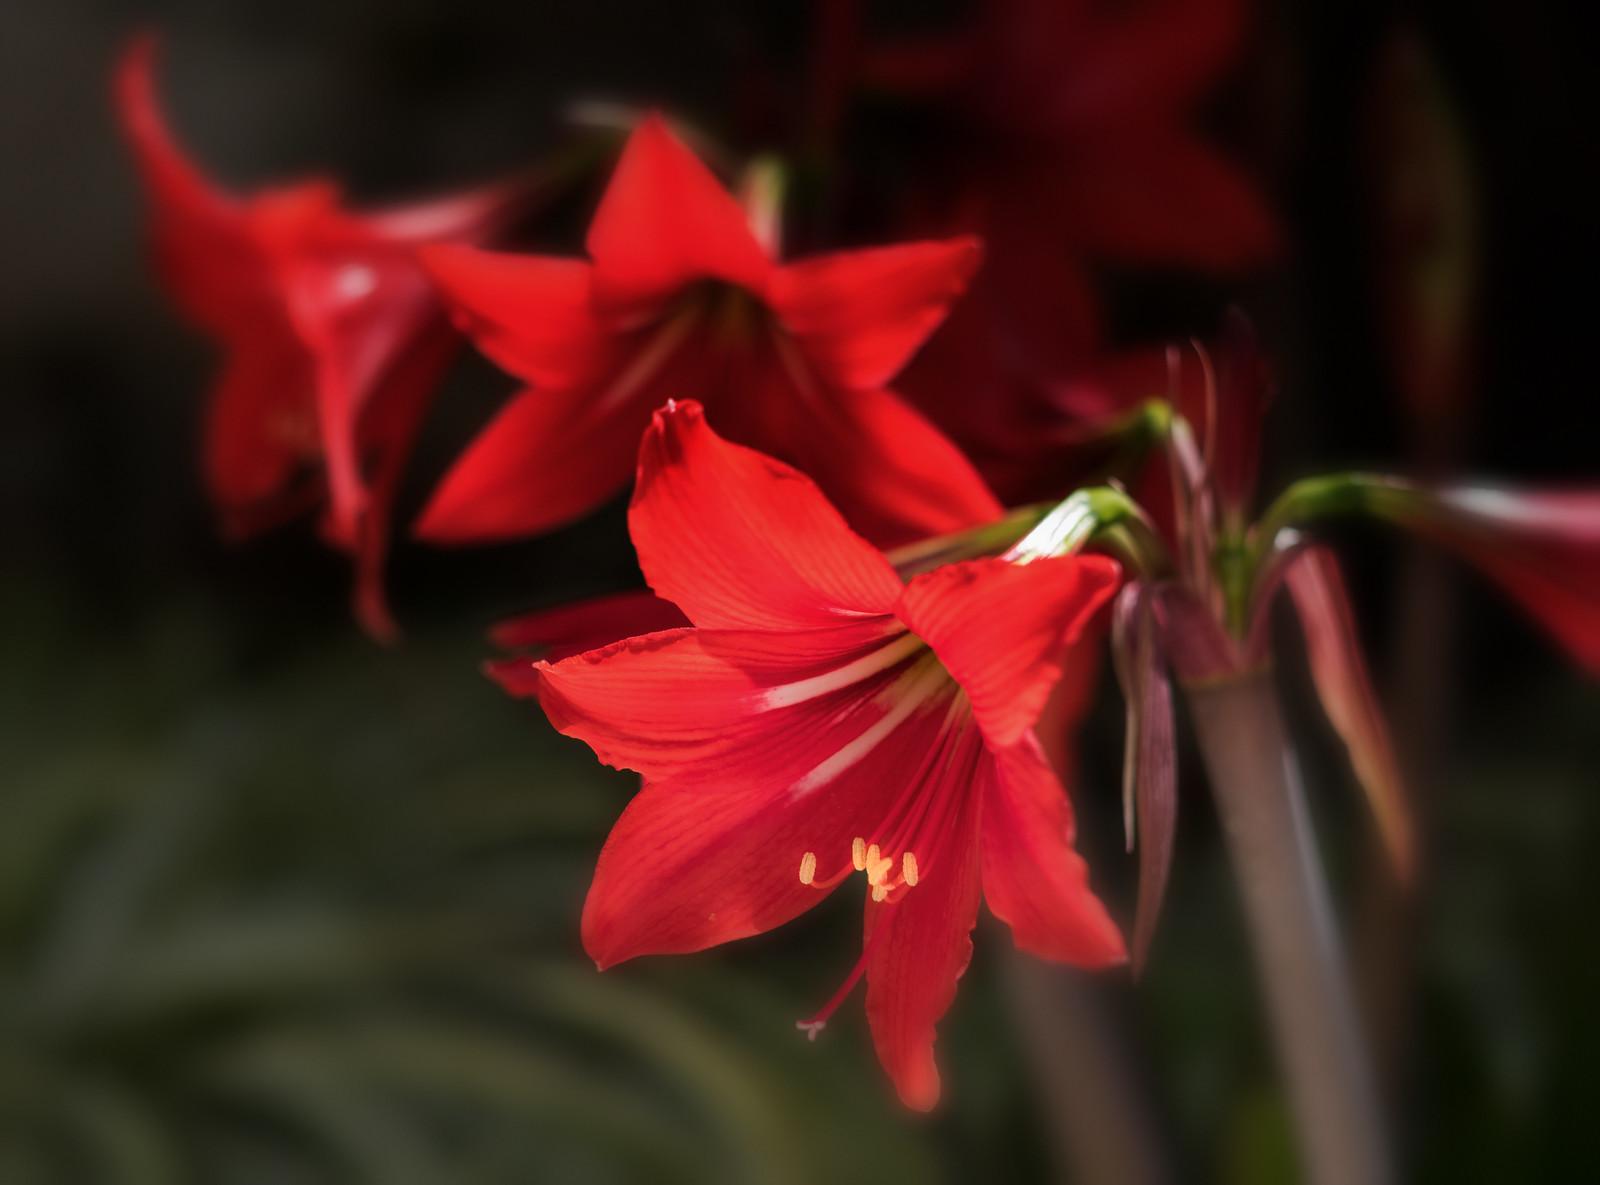 אמריליס אדום